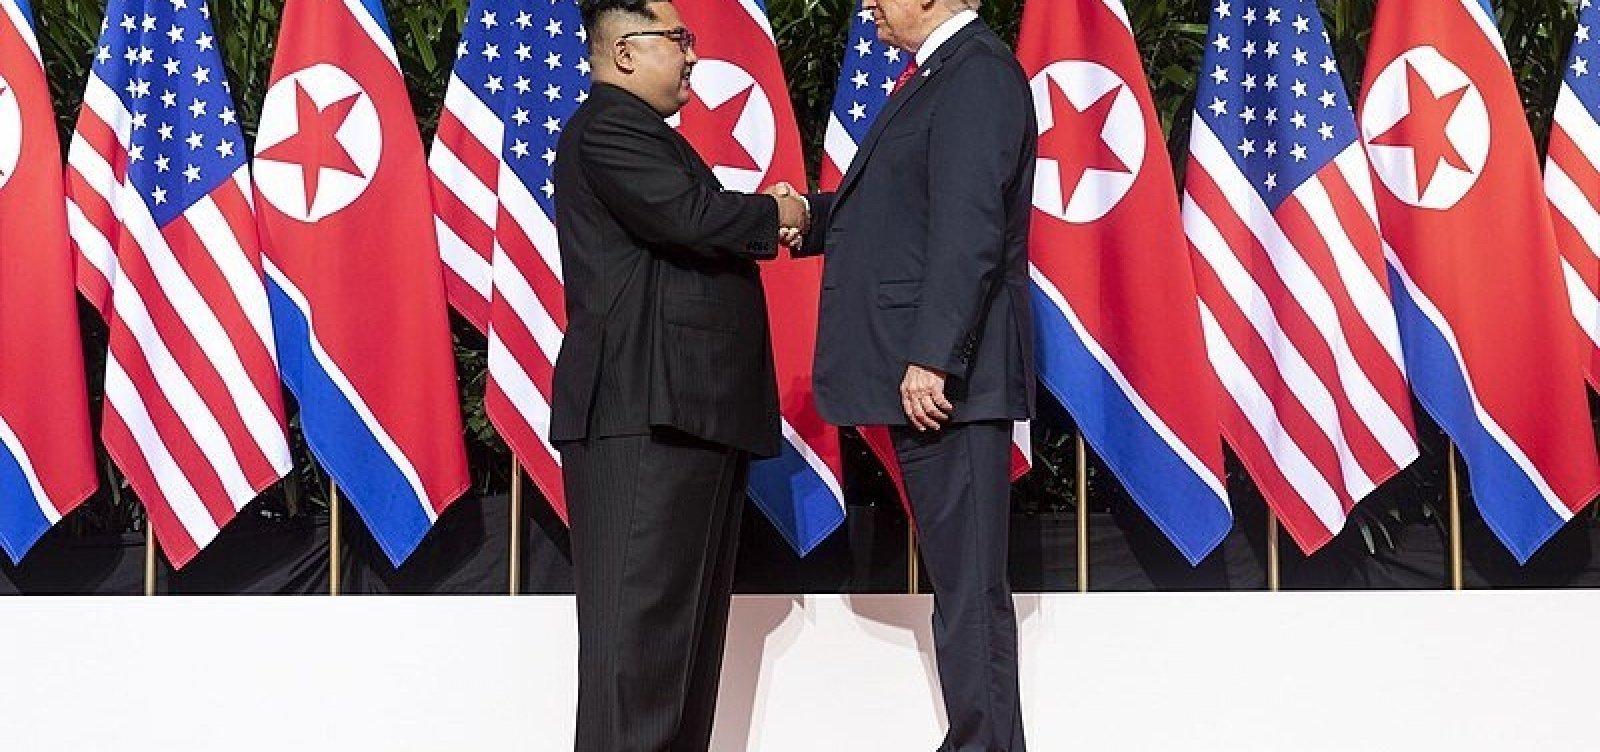 Suécia ajuda Coreia do Norte e EUA a retomarem diplomacia nuclear